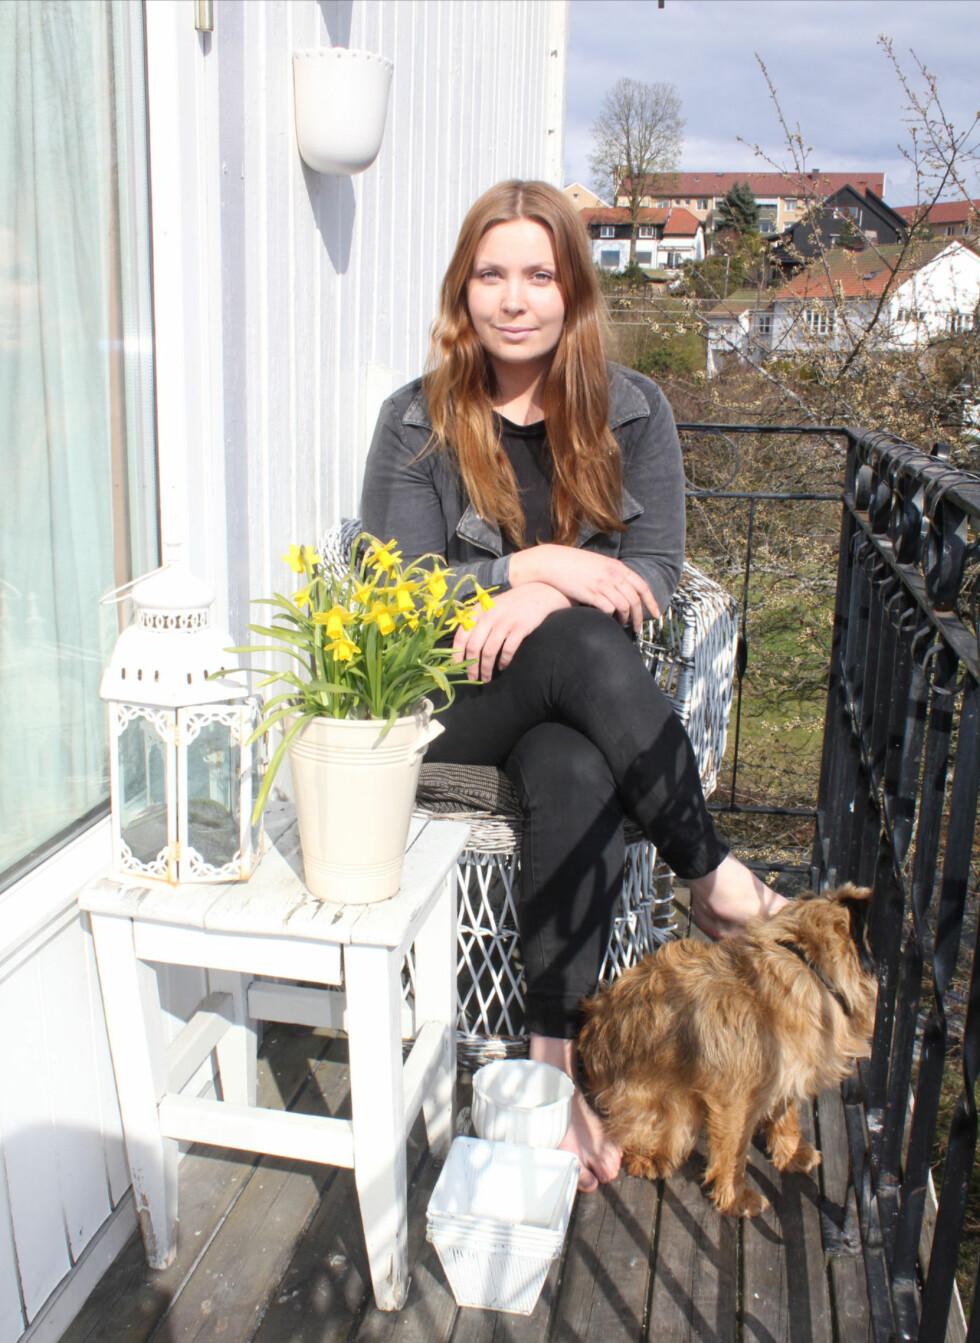 Vanja og hunden Aron. Møblene og interiøret på balkongen er fra loppemarked. Foto: Sindre K. Nordengen